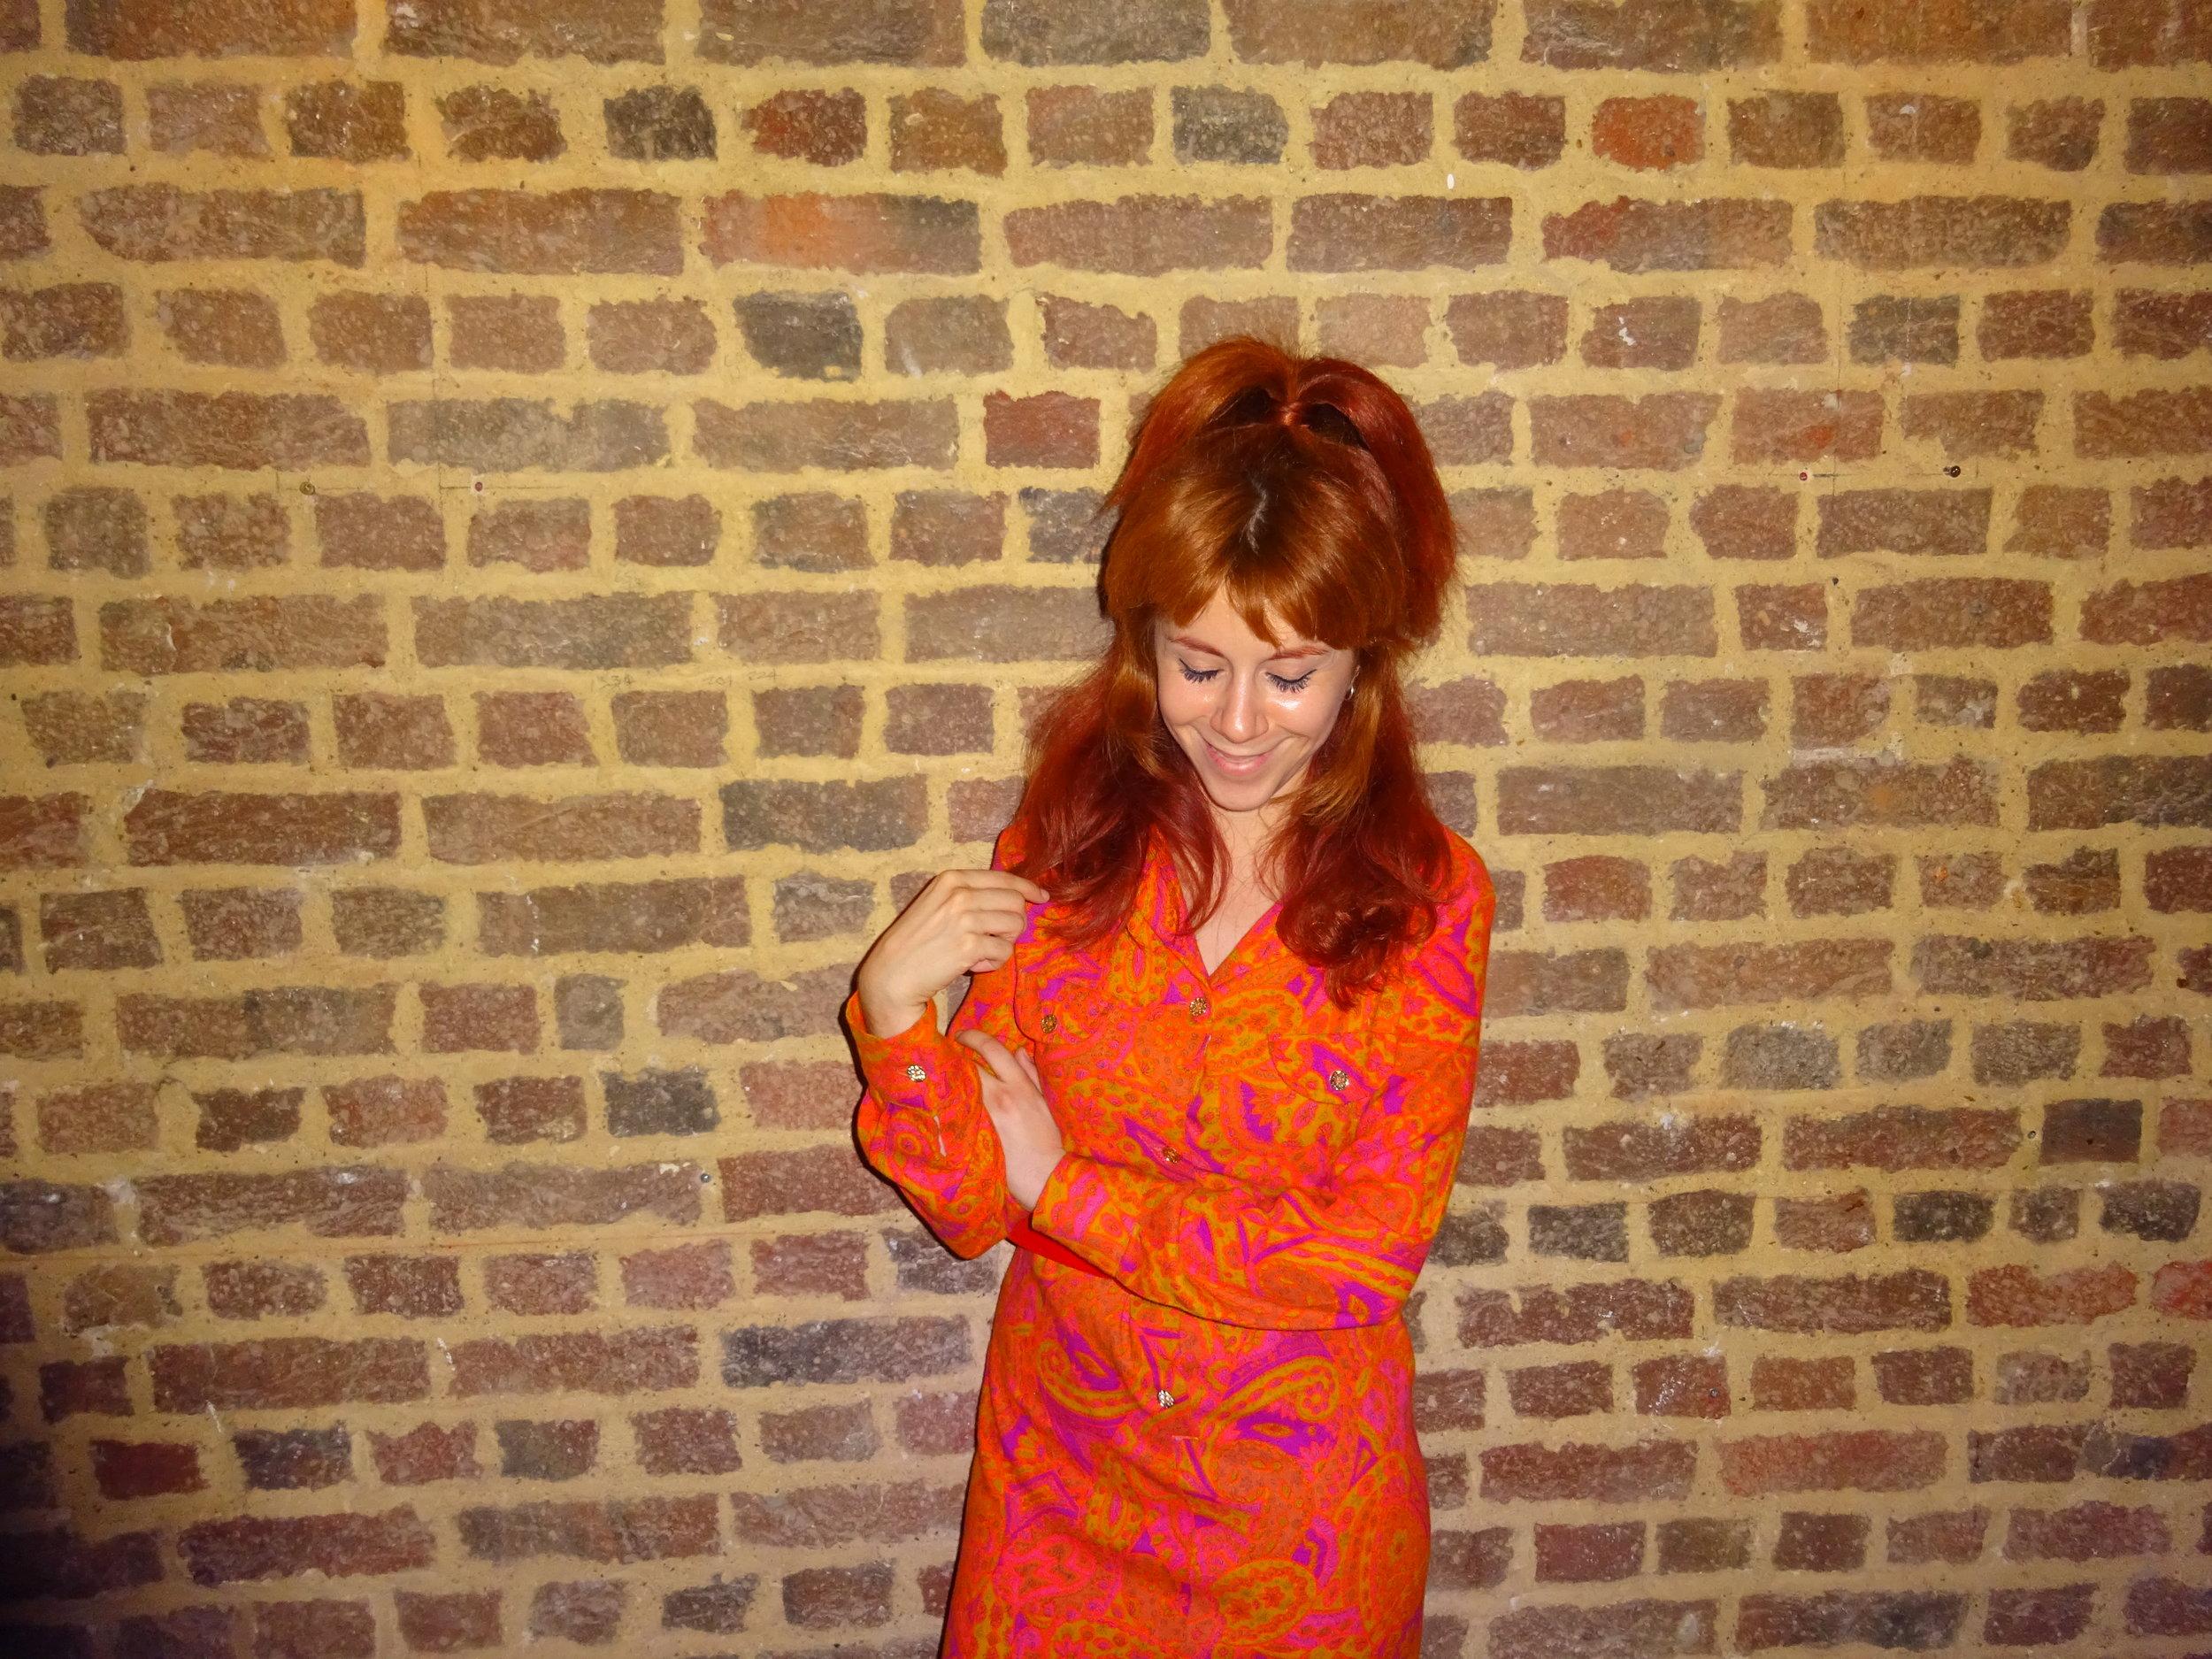 SUN, SEP 18 2016   LONDON DESIGNER: #CaterinaSchmitt     HER LINE:  @kraken.countercouture   LONDON, ENGLAND